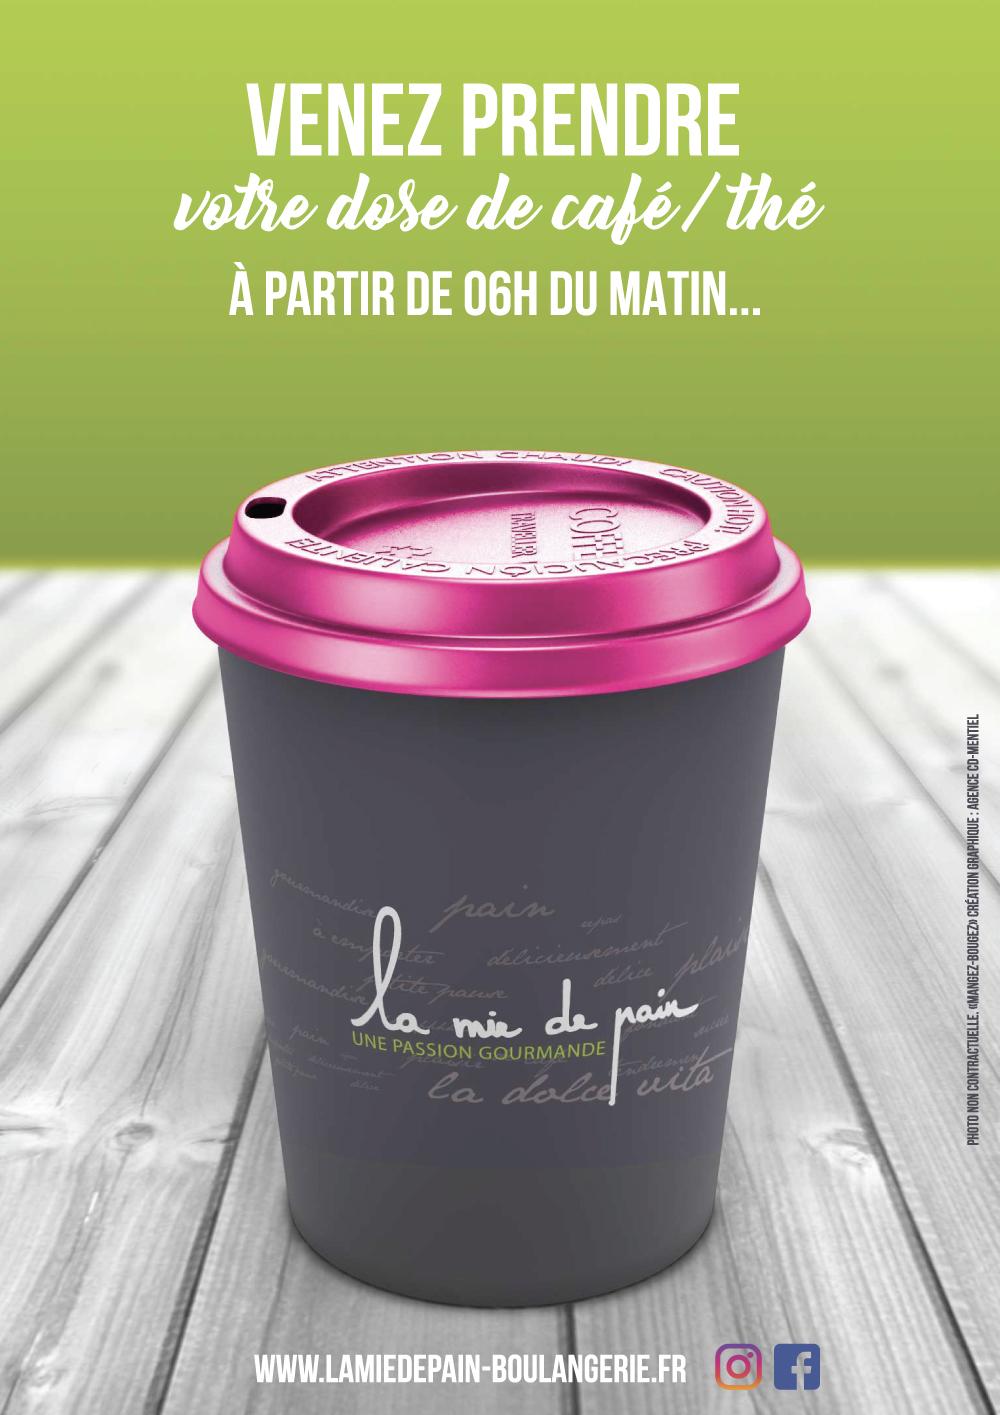 A4-Pub-paruvendu-café-lamiedepain-agence-cdmentiel